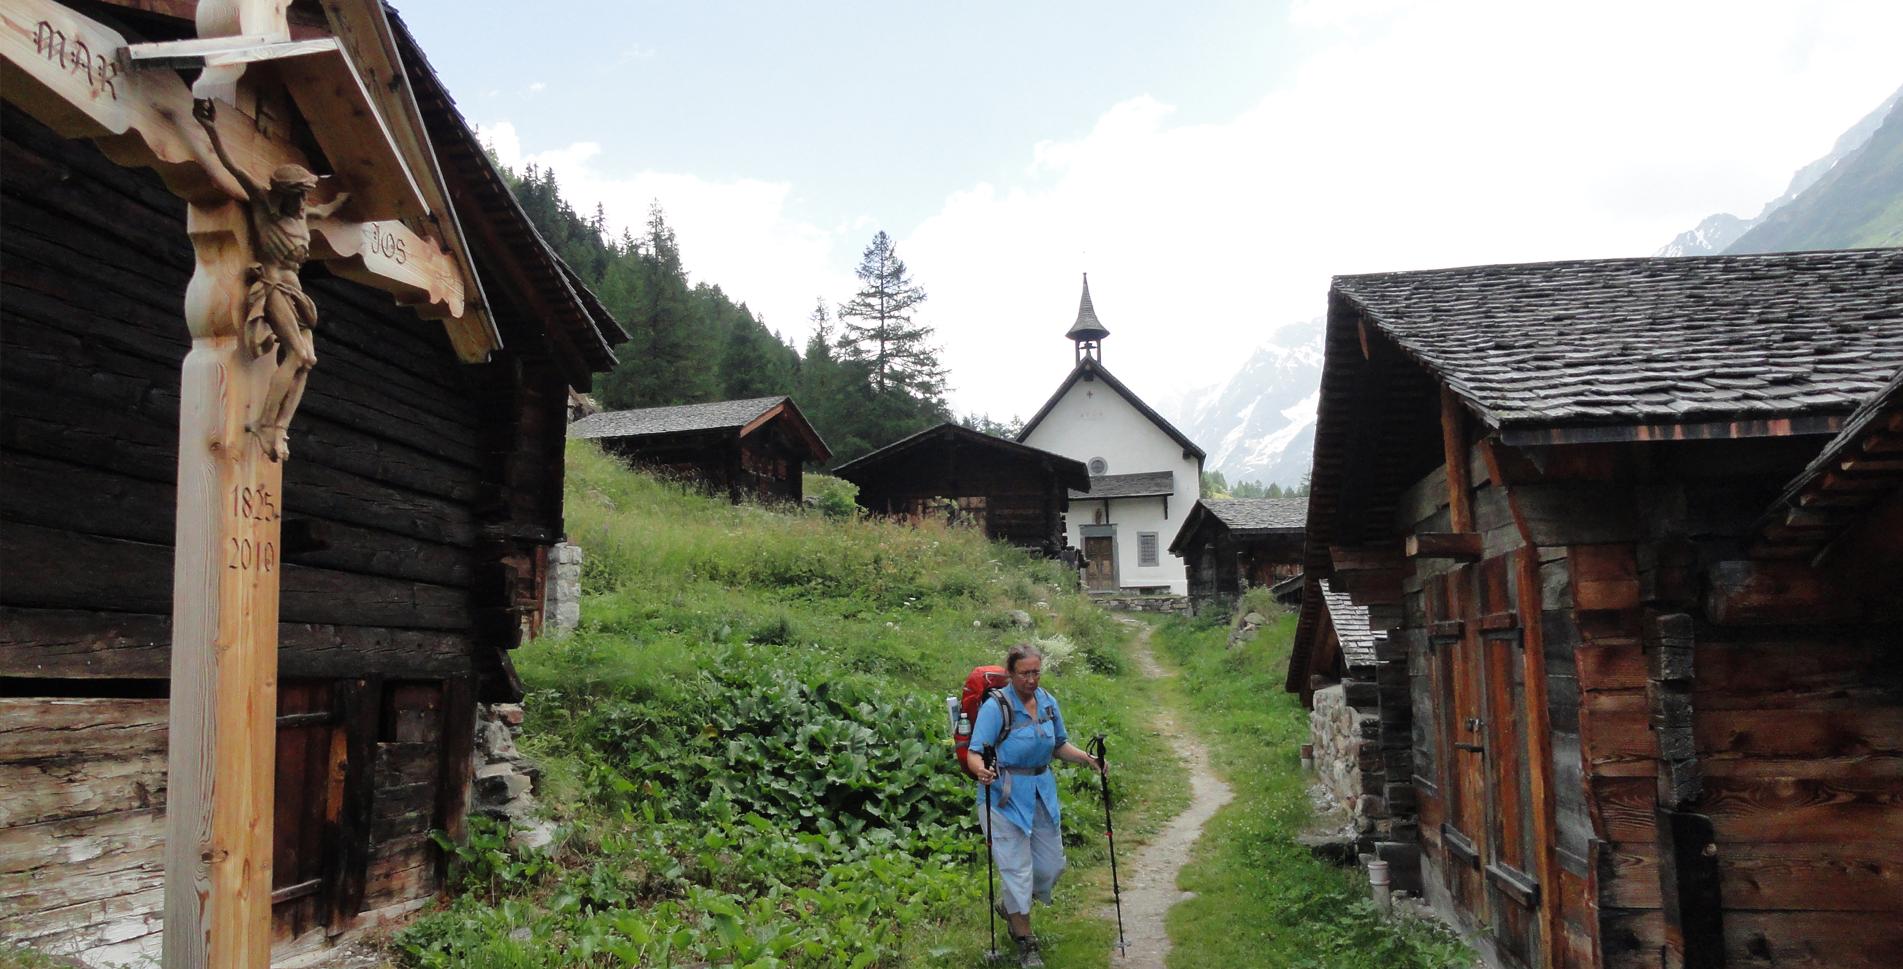 Wanderung auf dem Lötschentaler Höhenweg von der Lauchernalp via Schwarzsee, Fafleralp nach Blatten im Lötschental